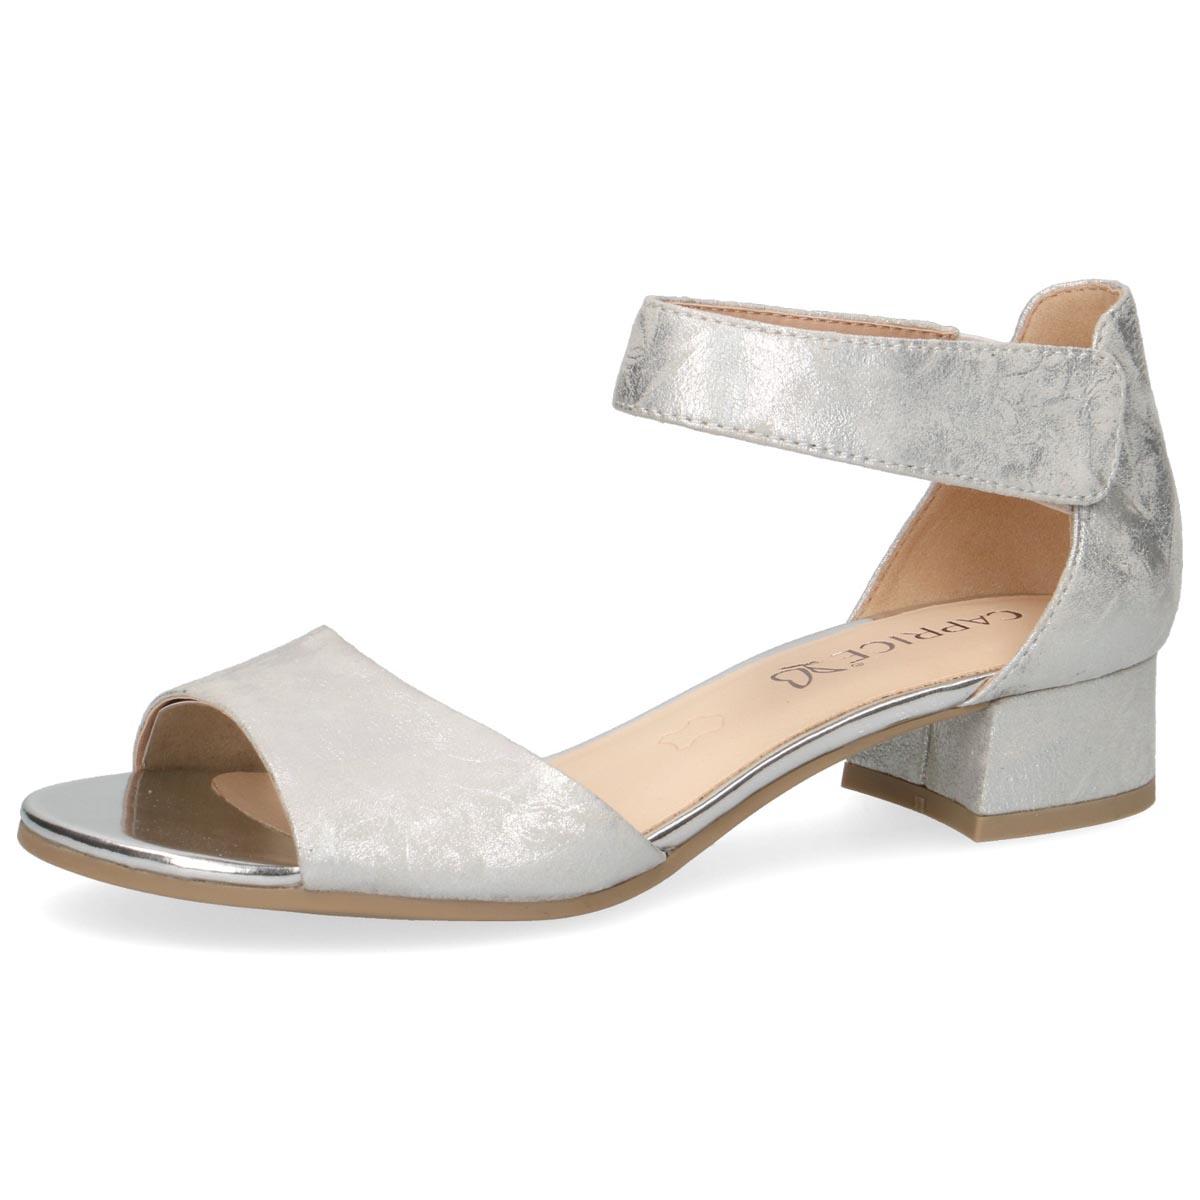 Caprice - Flo Silver Shimmer Summer Sandal